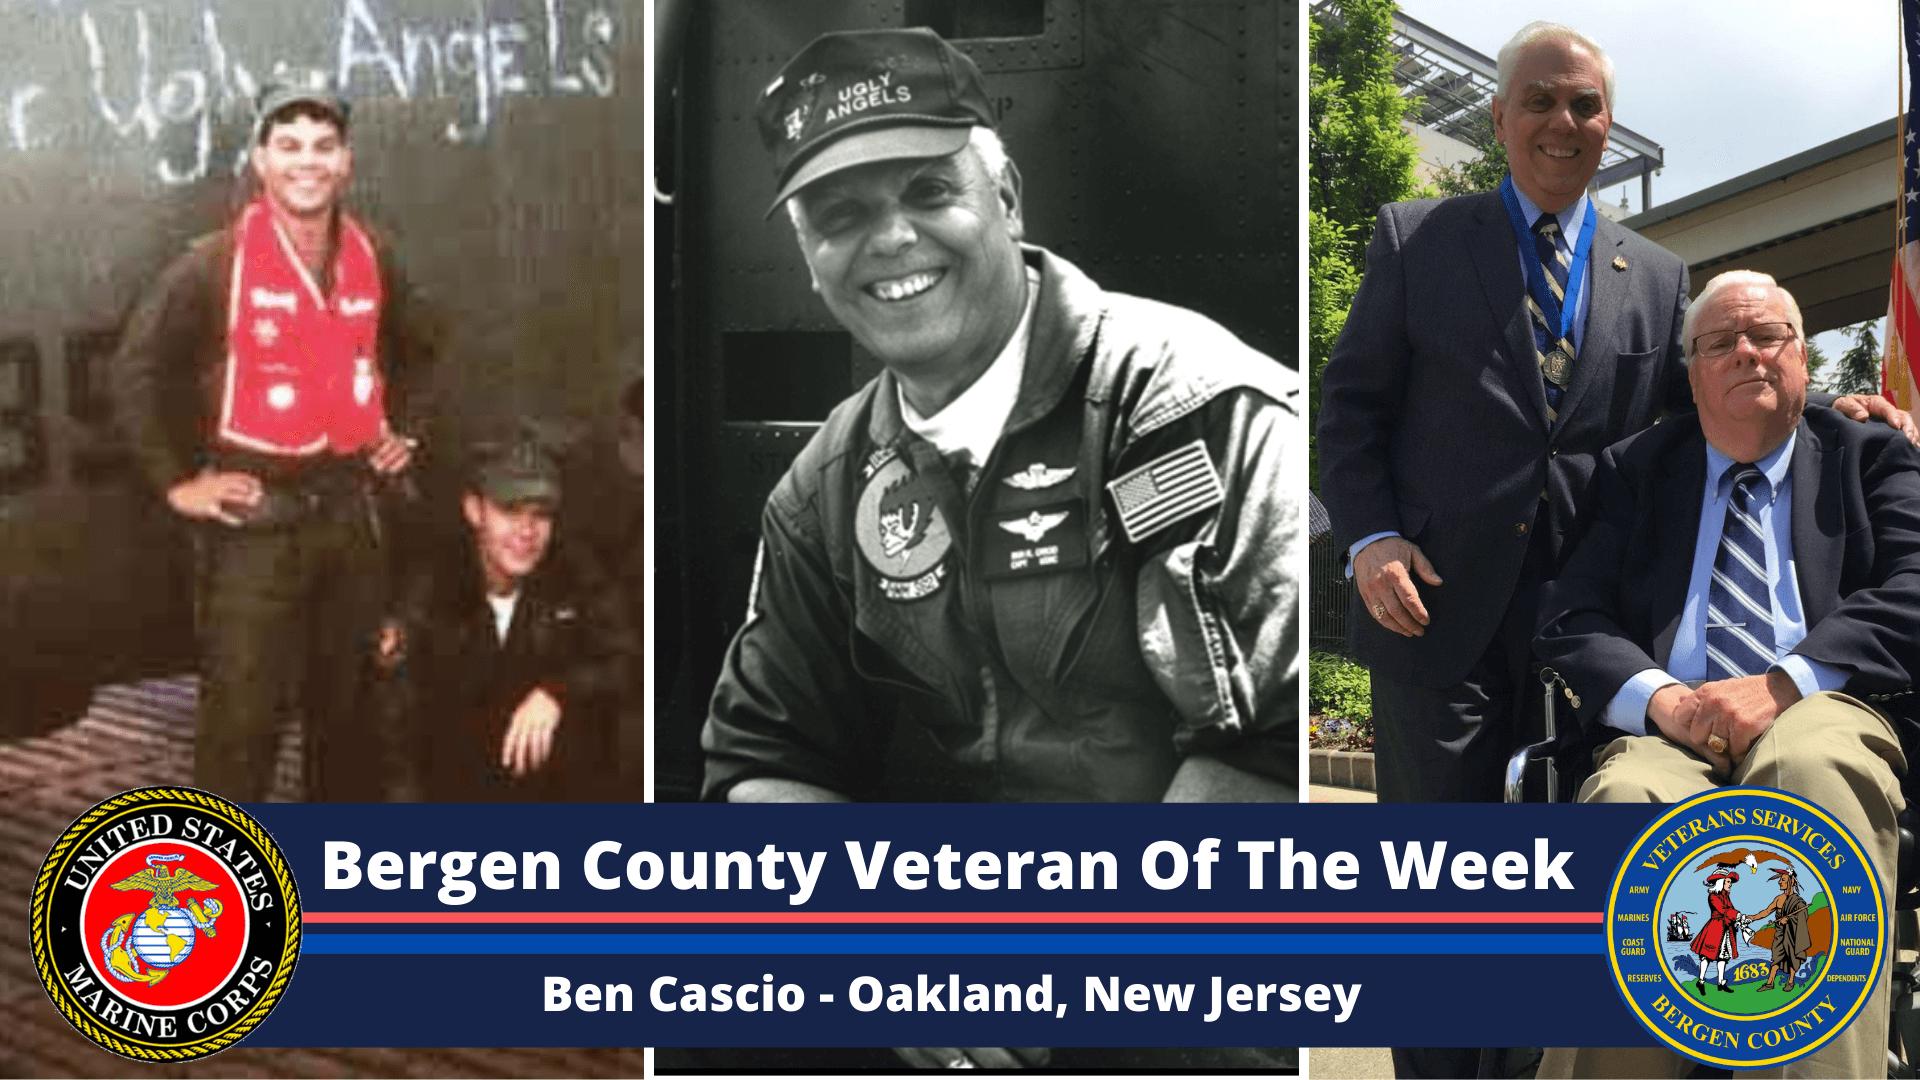 Bergen County Veteran of the Week: Ben Cascio